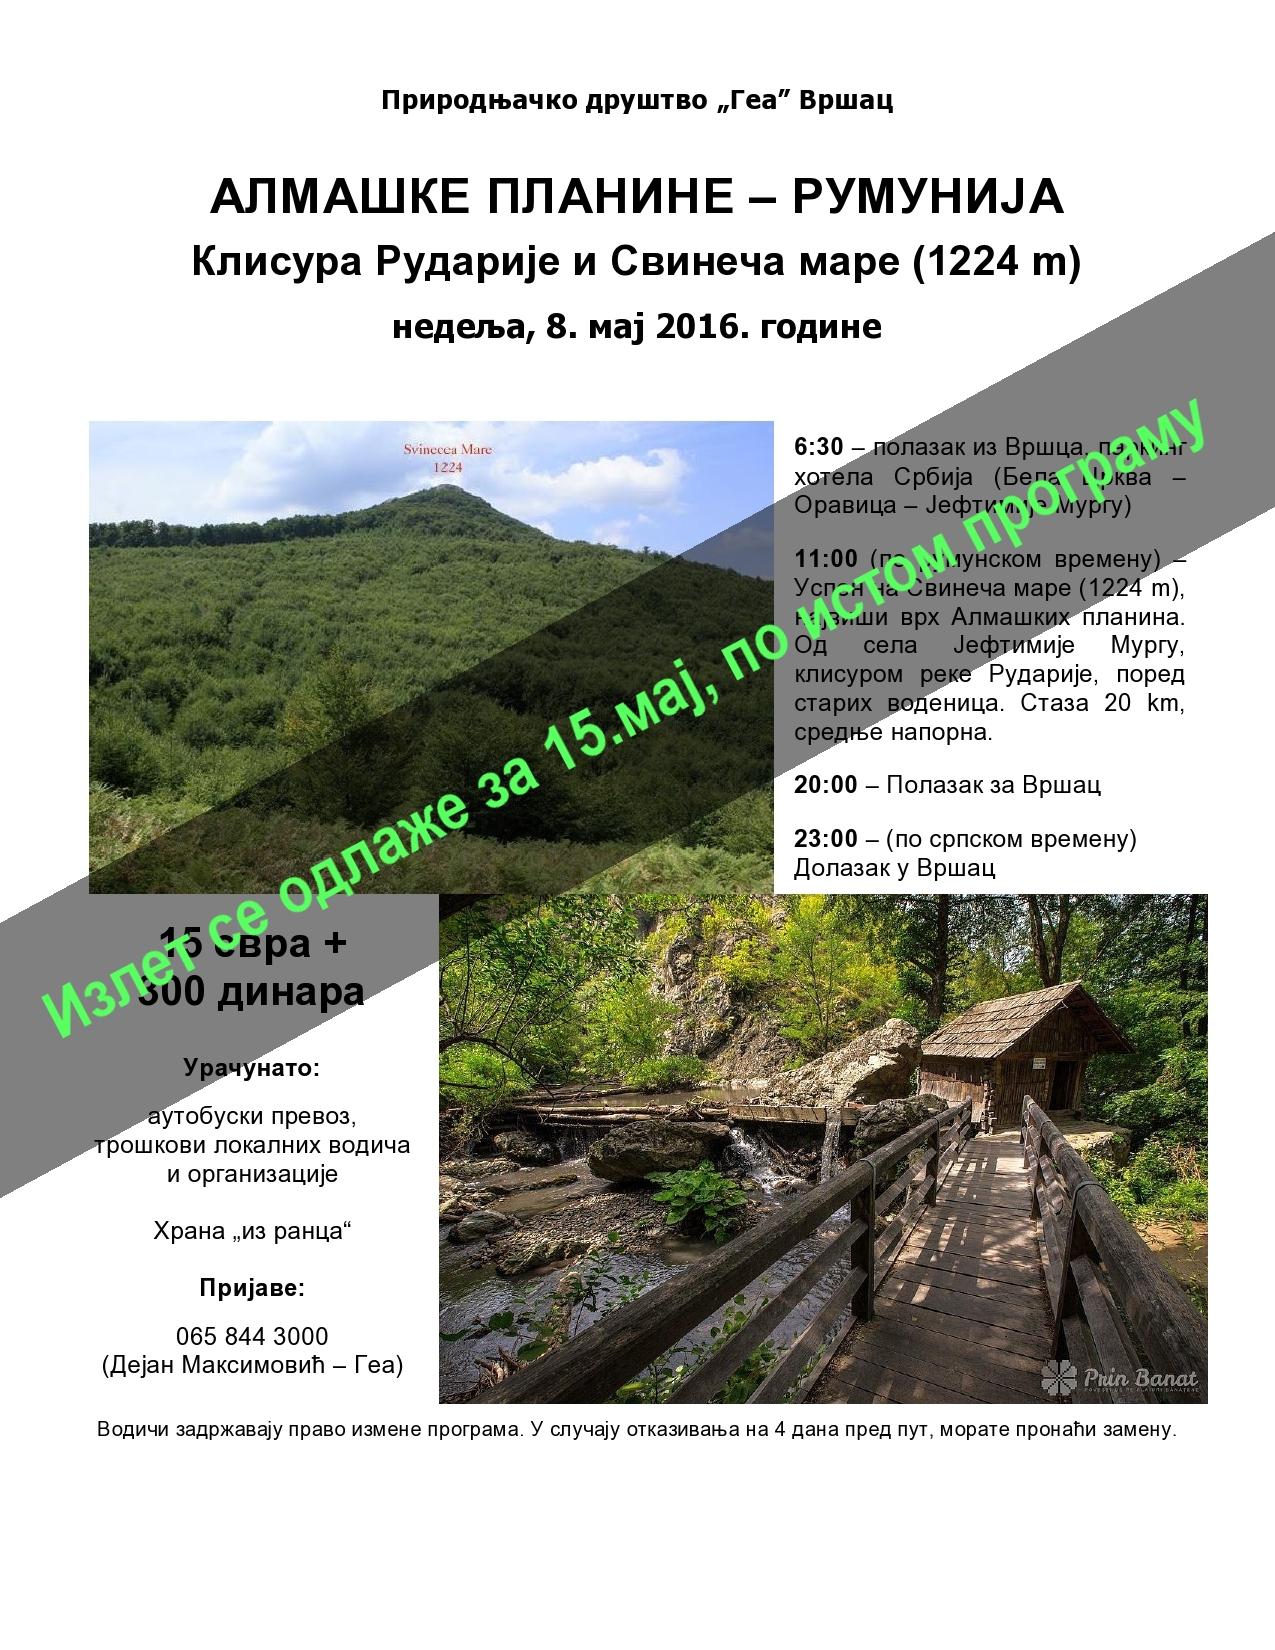 Almaske planine 2016 (Plus)